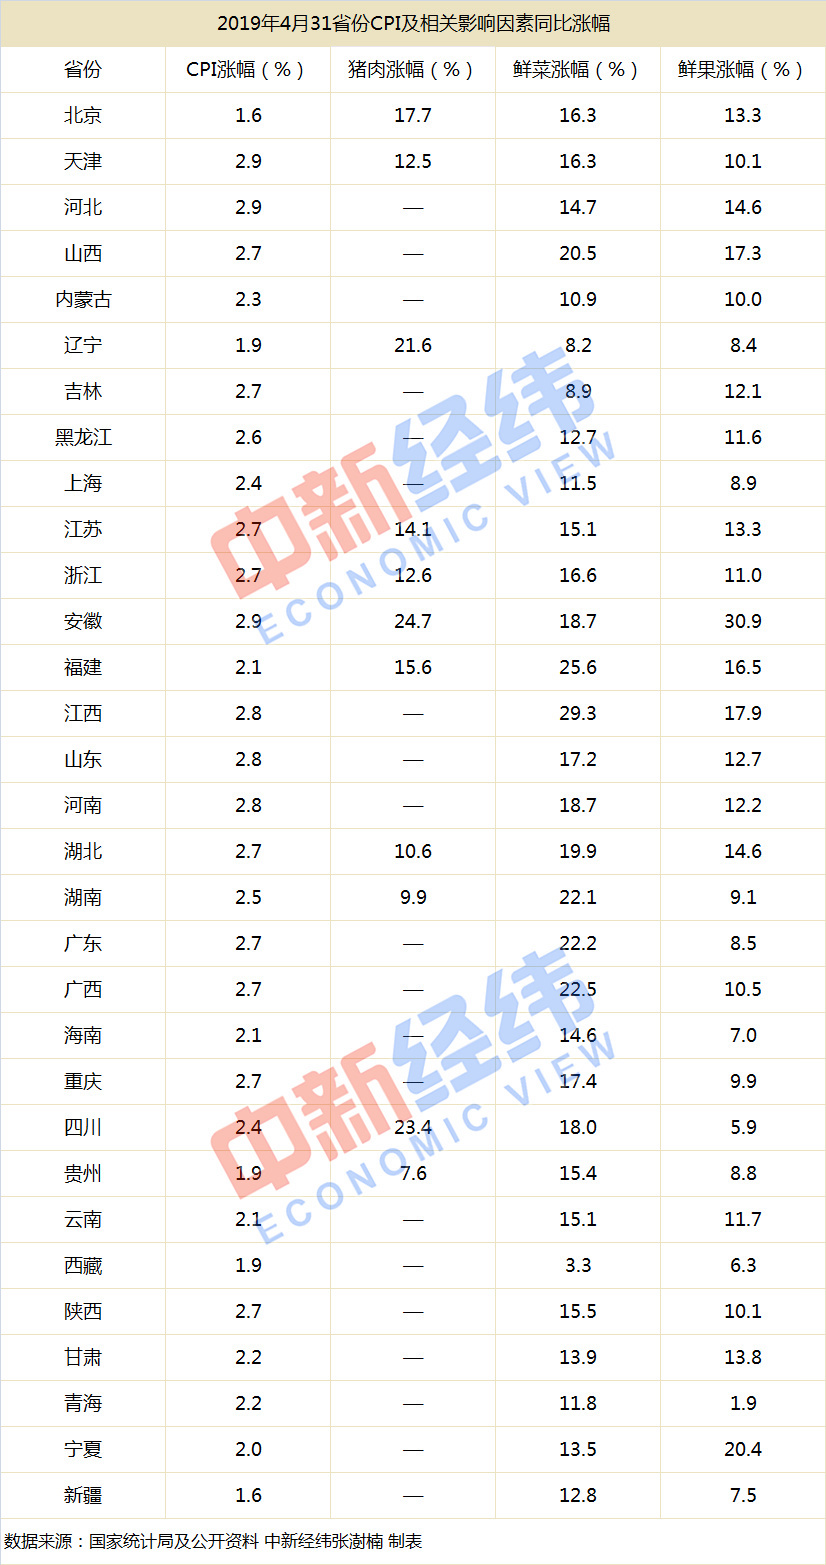 """16省份CPI涨幅超全国 实现""""水果自由""""真那么难?"""